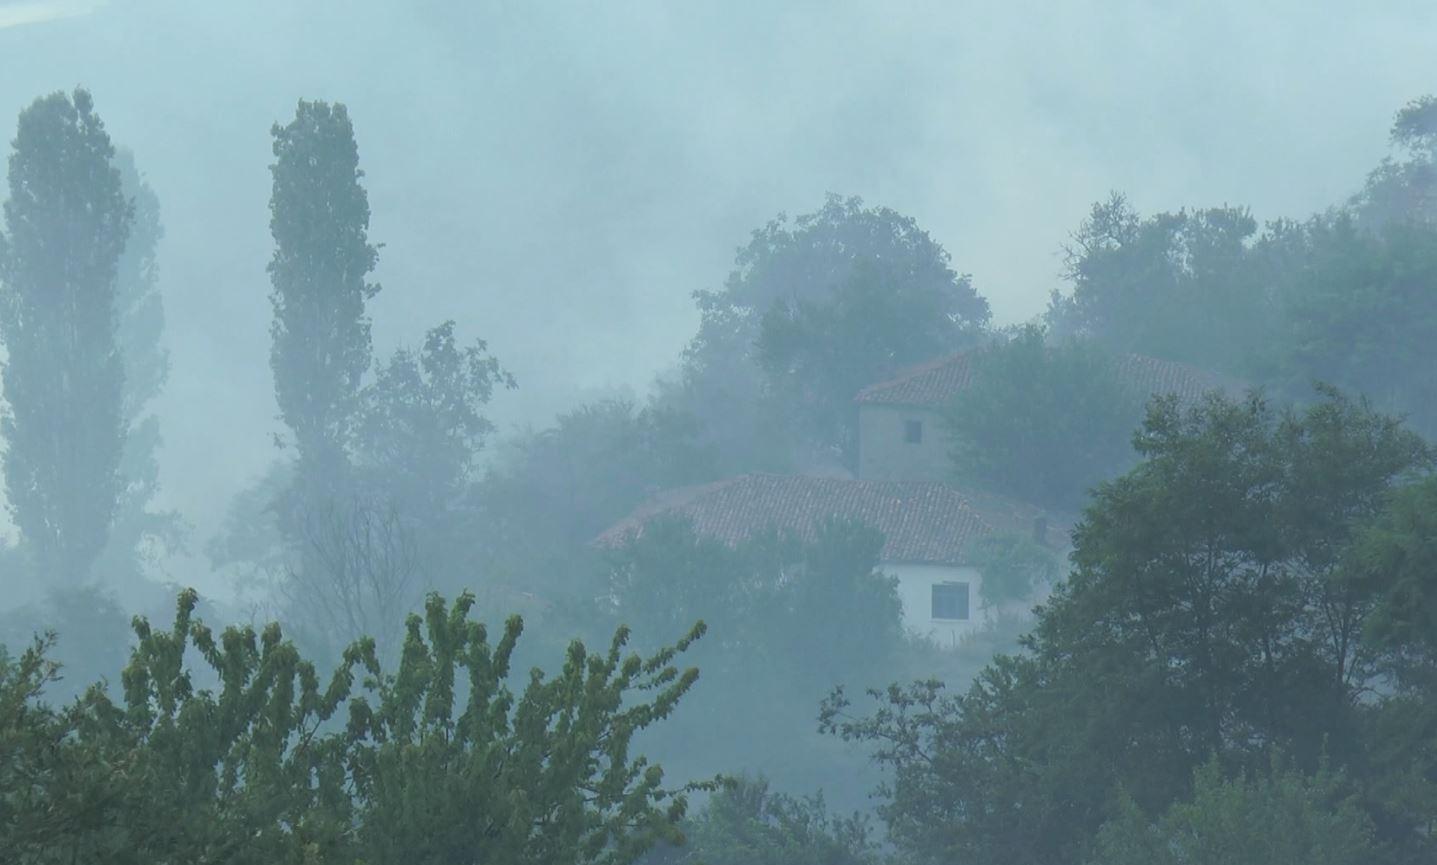 Dibra tym e flakë, prej tre ditësh tre vatra zjarri janë ende aktive, shkatërrohen qindra hektarë me pyje